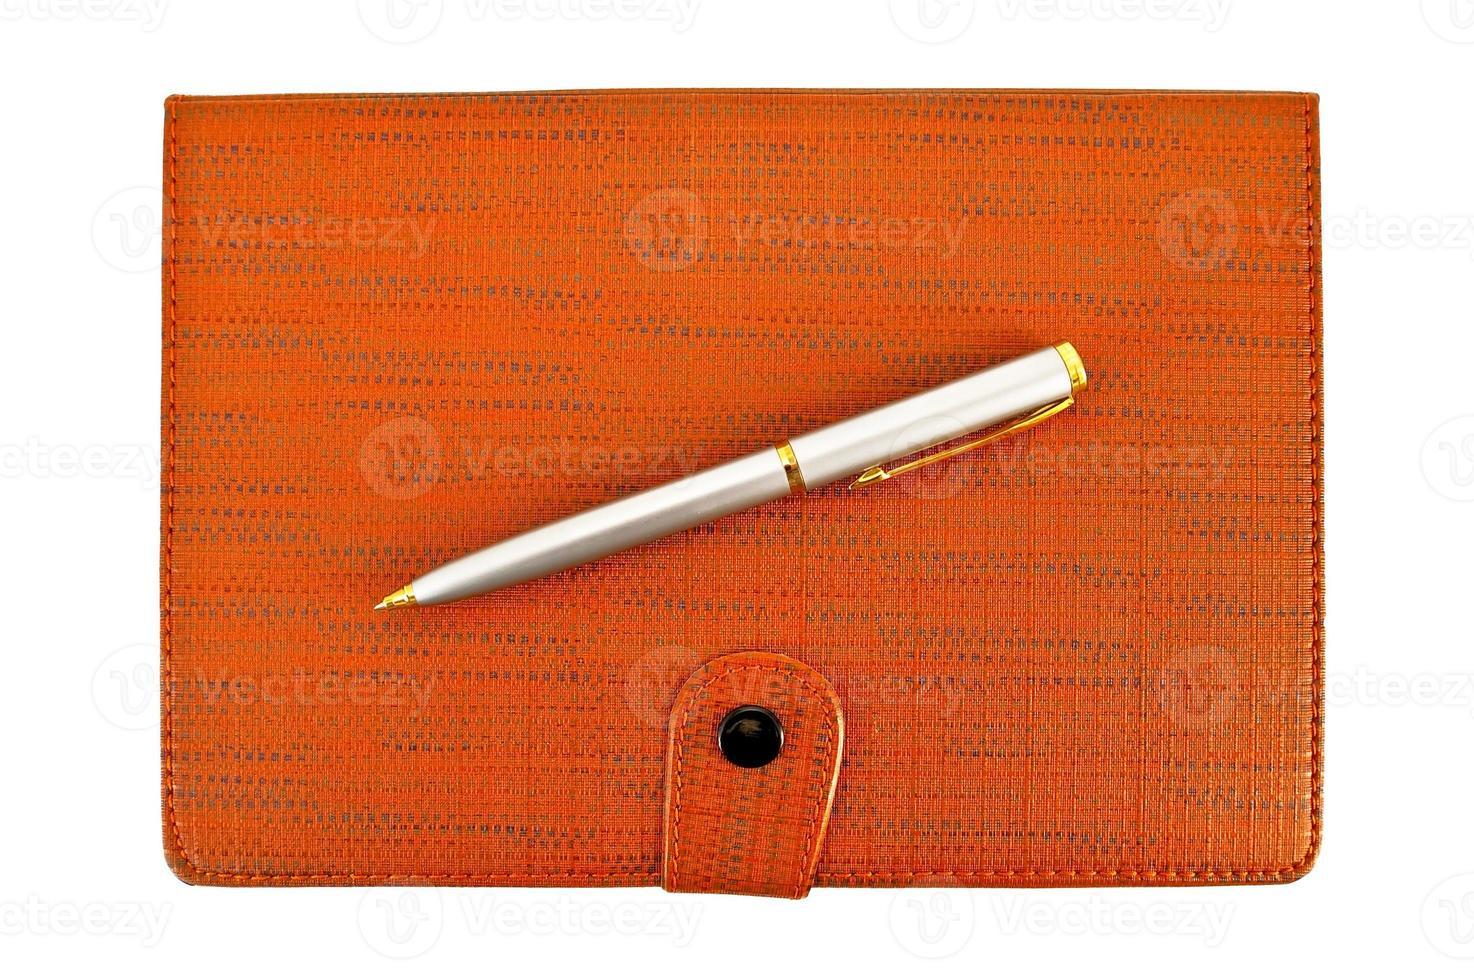 Notizbuch mit einem silbernen Stift foto